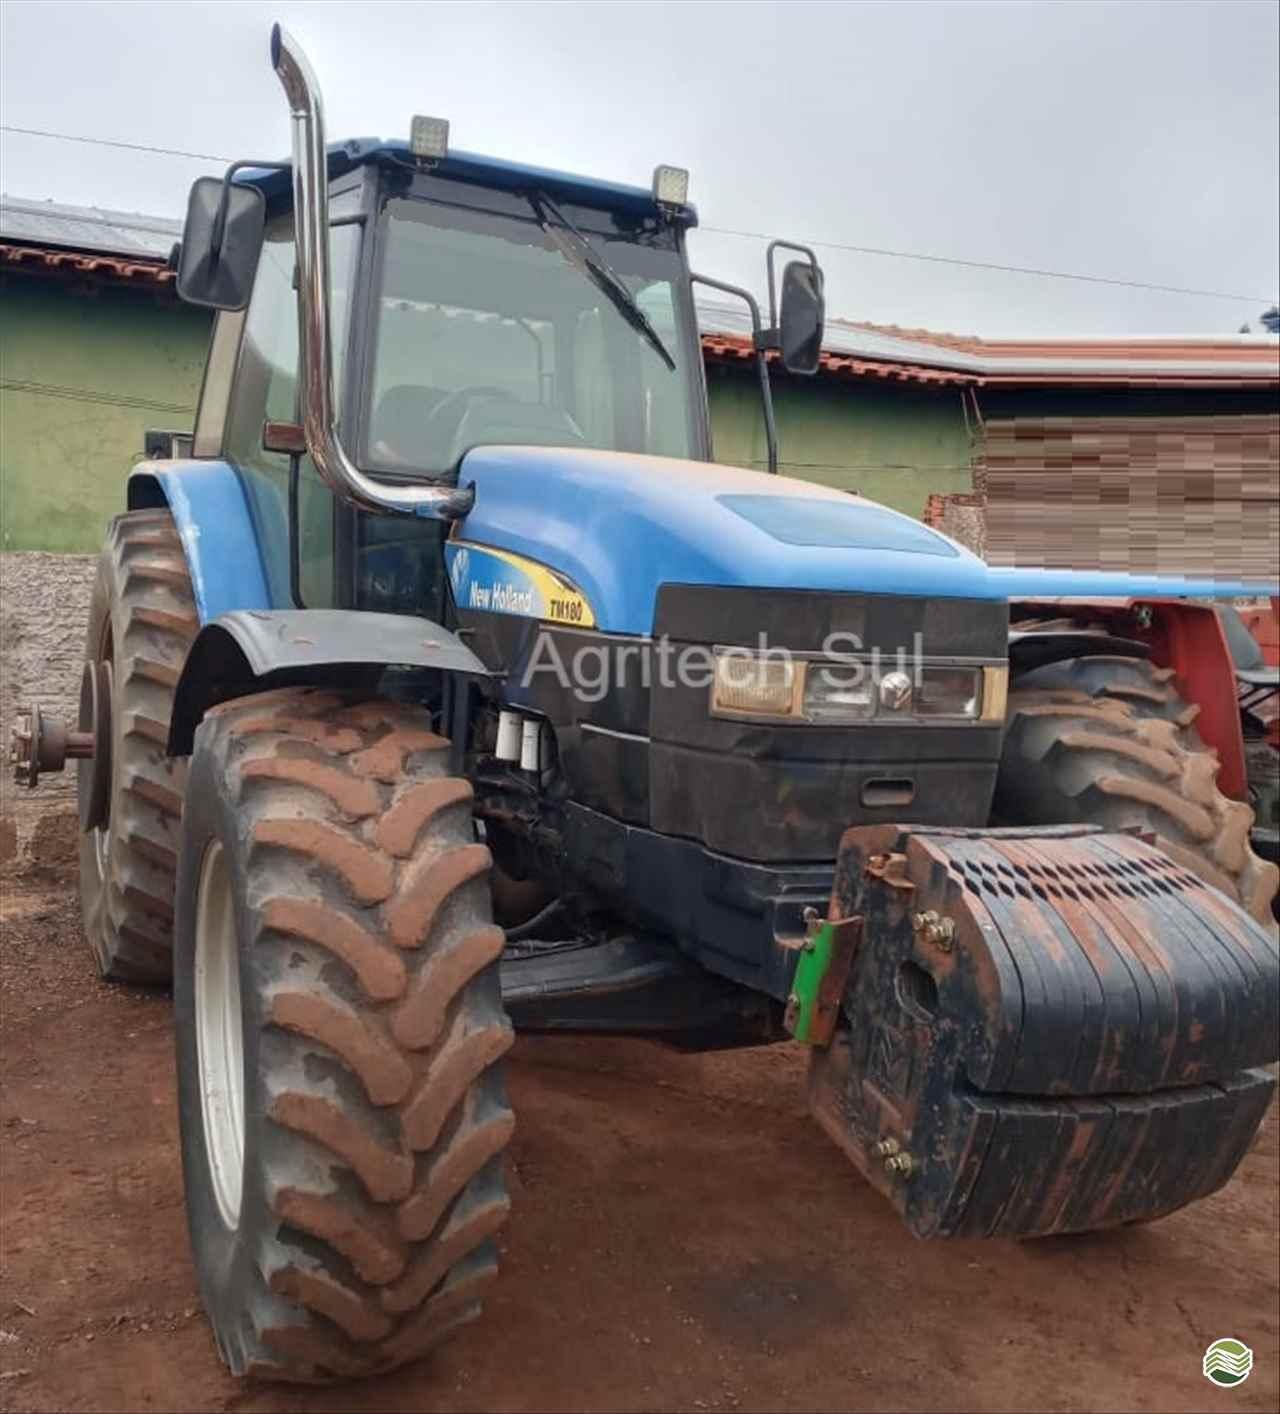 TRATOR NEW HOLLAND NEW TM 180 Tração 4x4 Agritech Sul PASSO FUNDO RIO GRANDE DO SUL RS